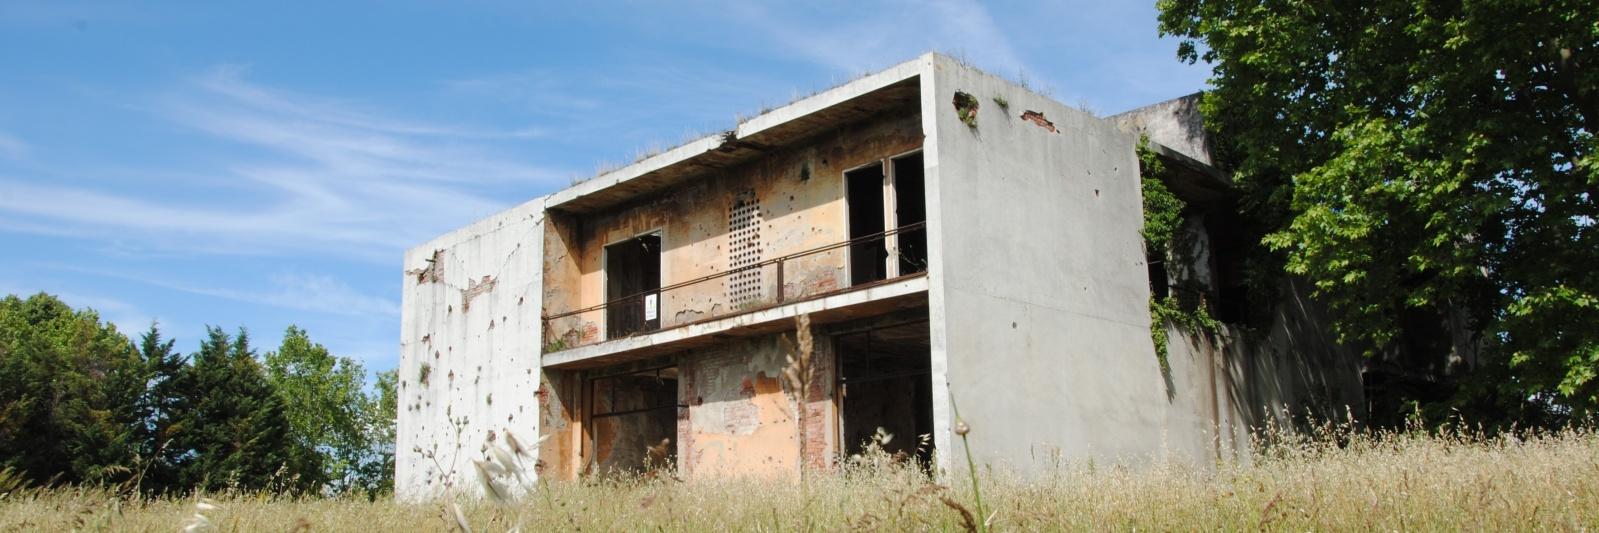 Villa Muggia (Imola - BO)